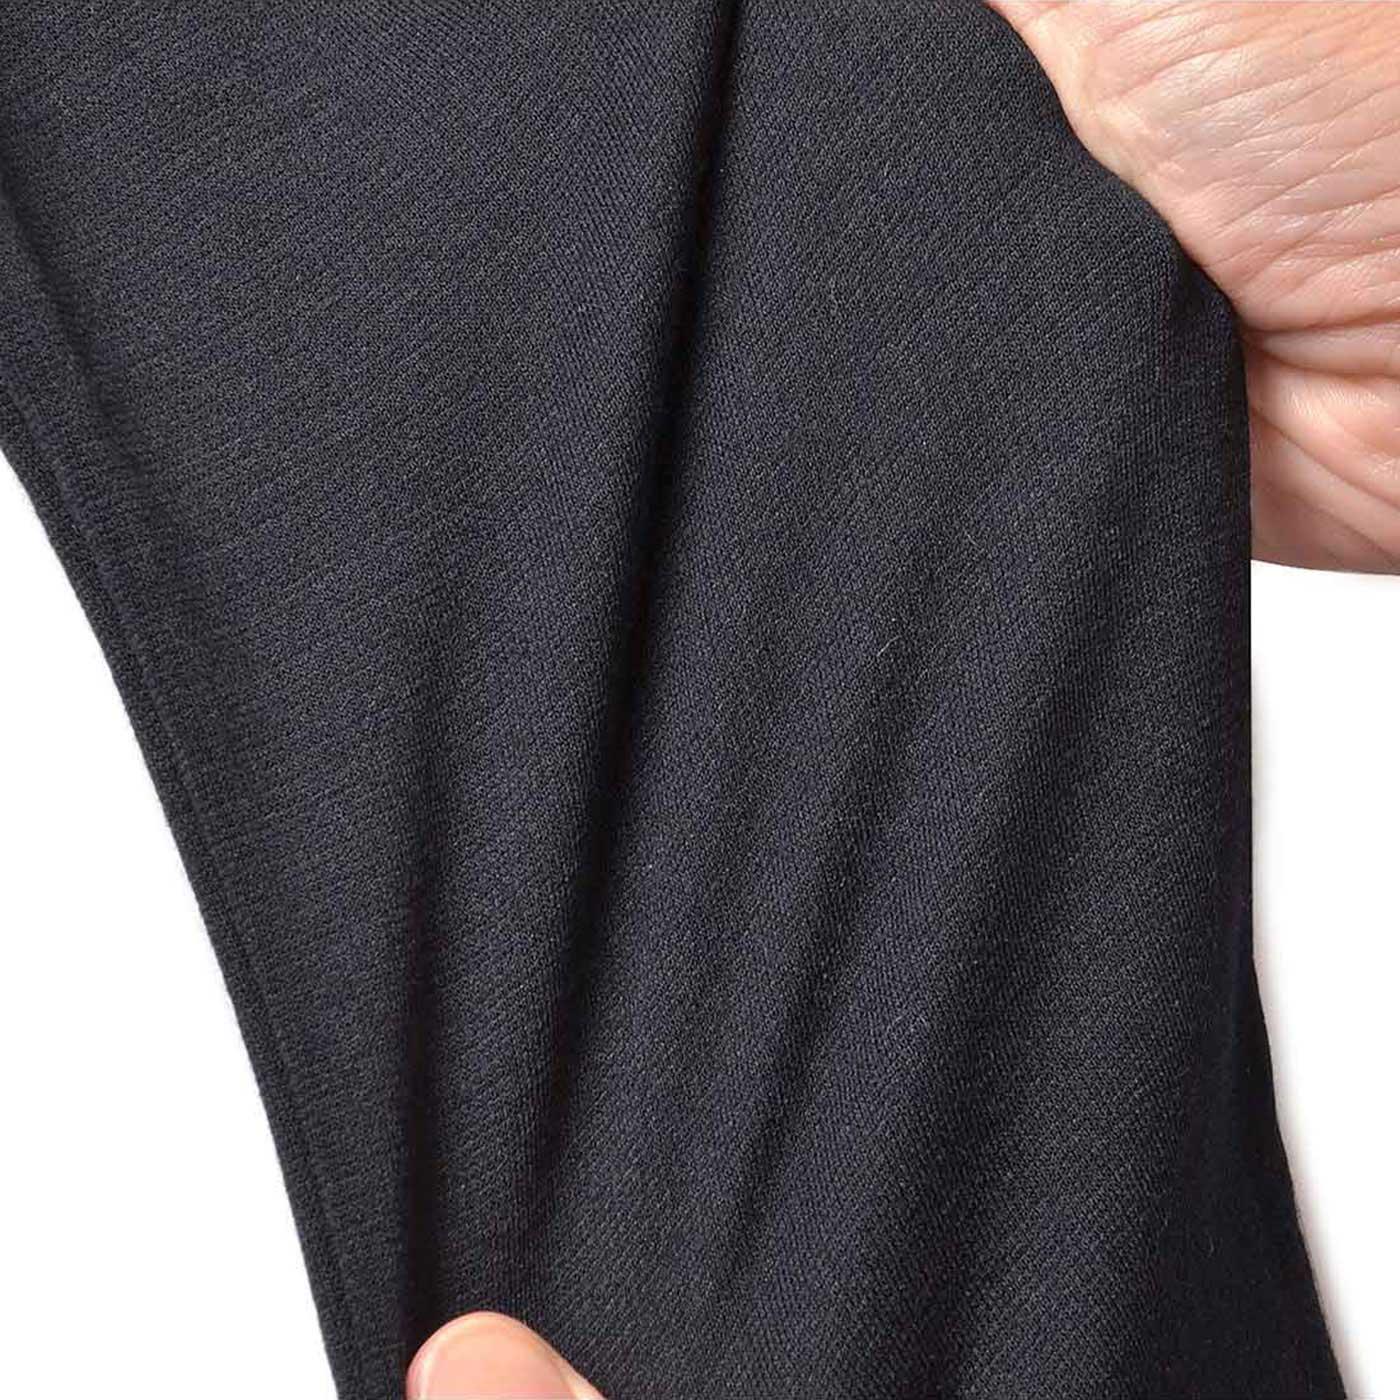 スパッツは、やわらかくフィット感あるストレッチ素材で細見え効果も。